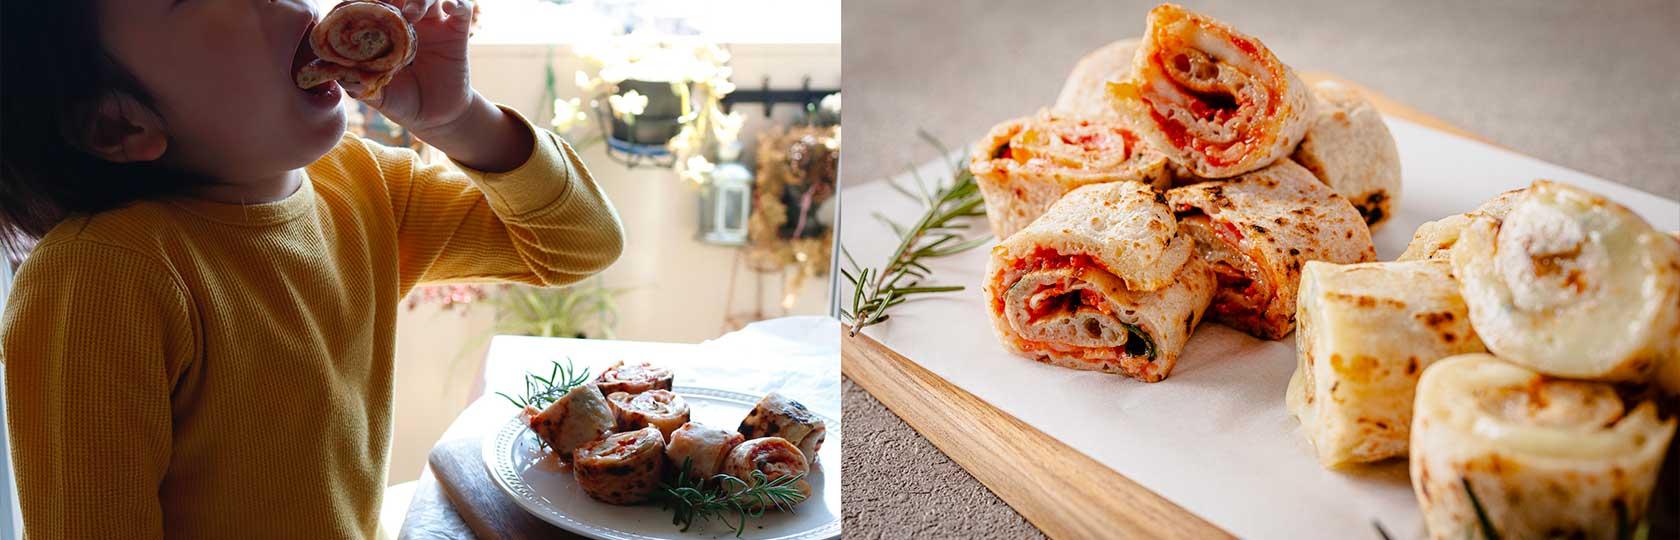 冷凍バトンピッツァは、ピザ職人が、自分の子供たちのため、自宅用に保存を考えたピッツァ